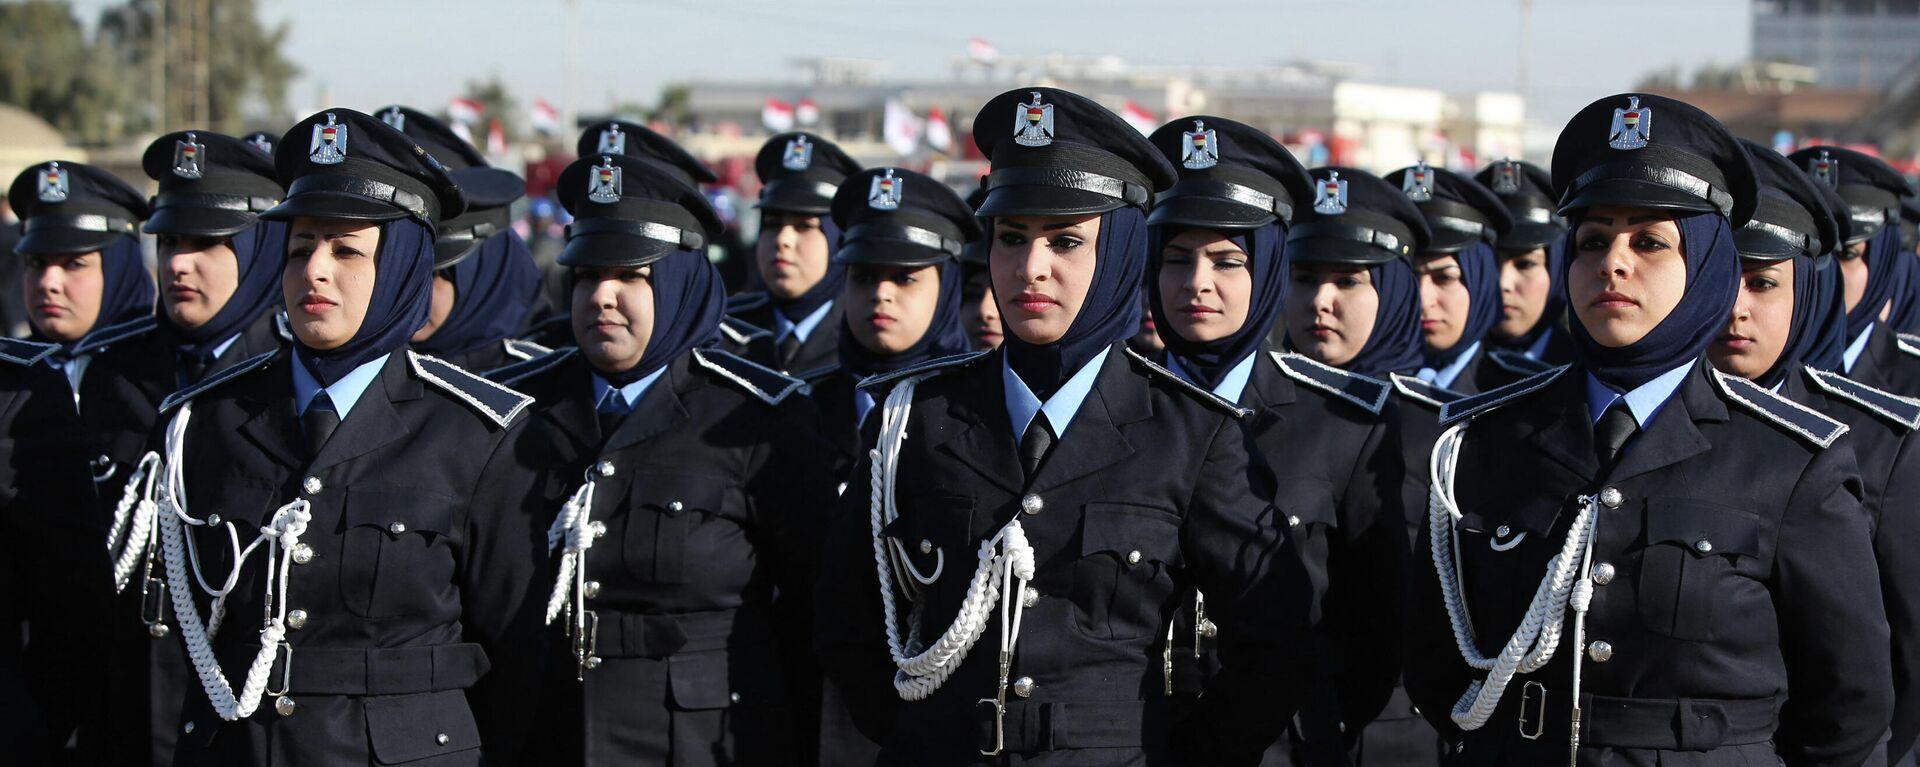 Женщины-полицейские на параде в честь 93-й годовщины образования полицейских сил в Багдаде, Ирак. - Sputnik Таджикистан, 1920, 12.04.2021